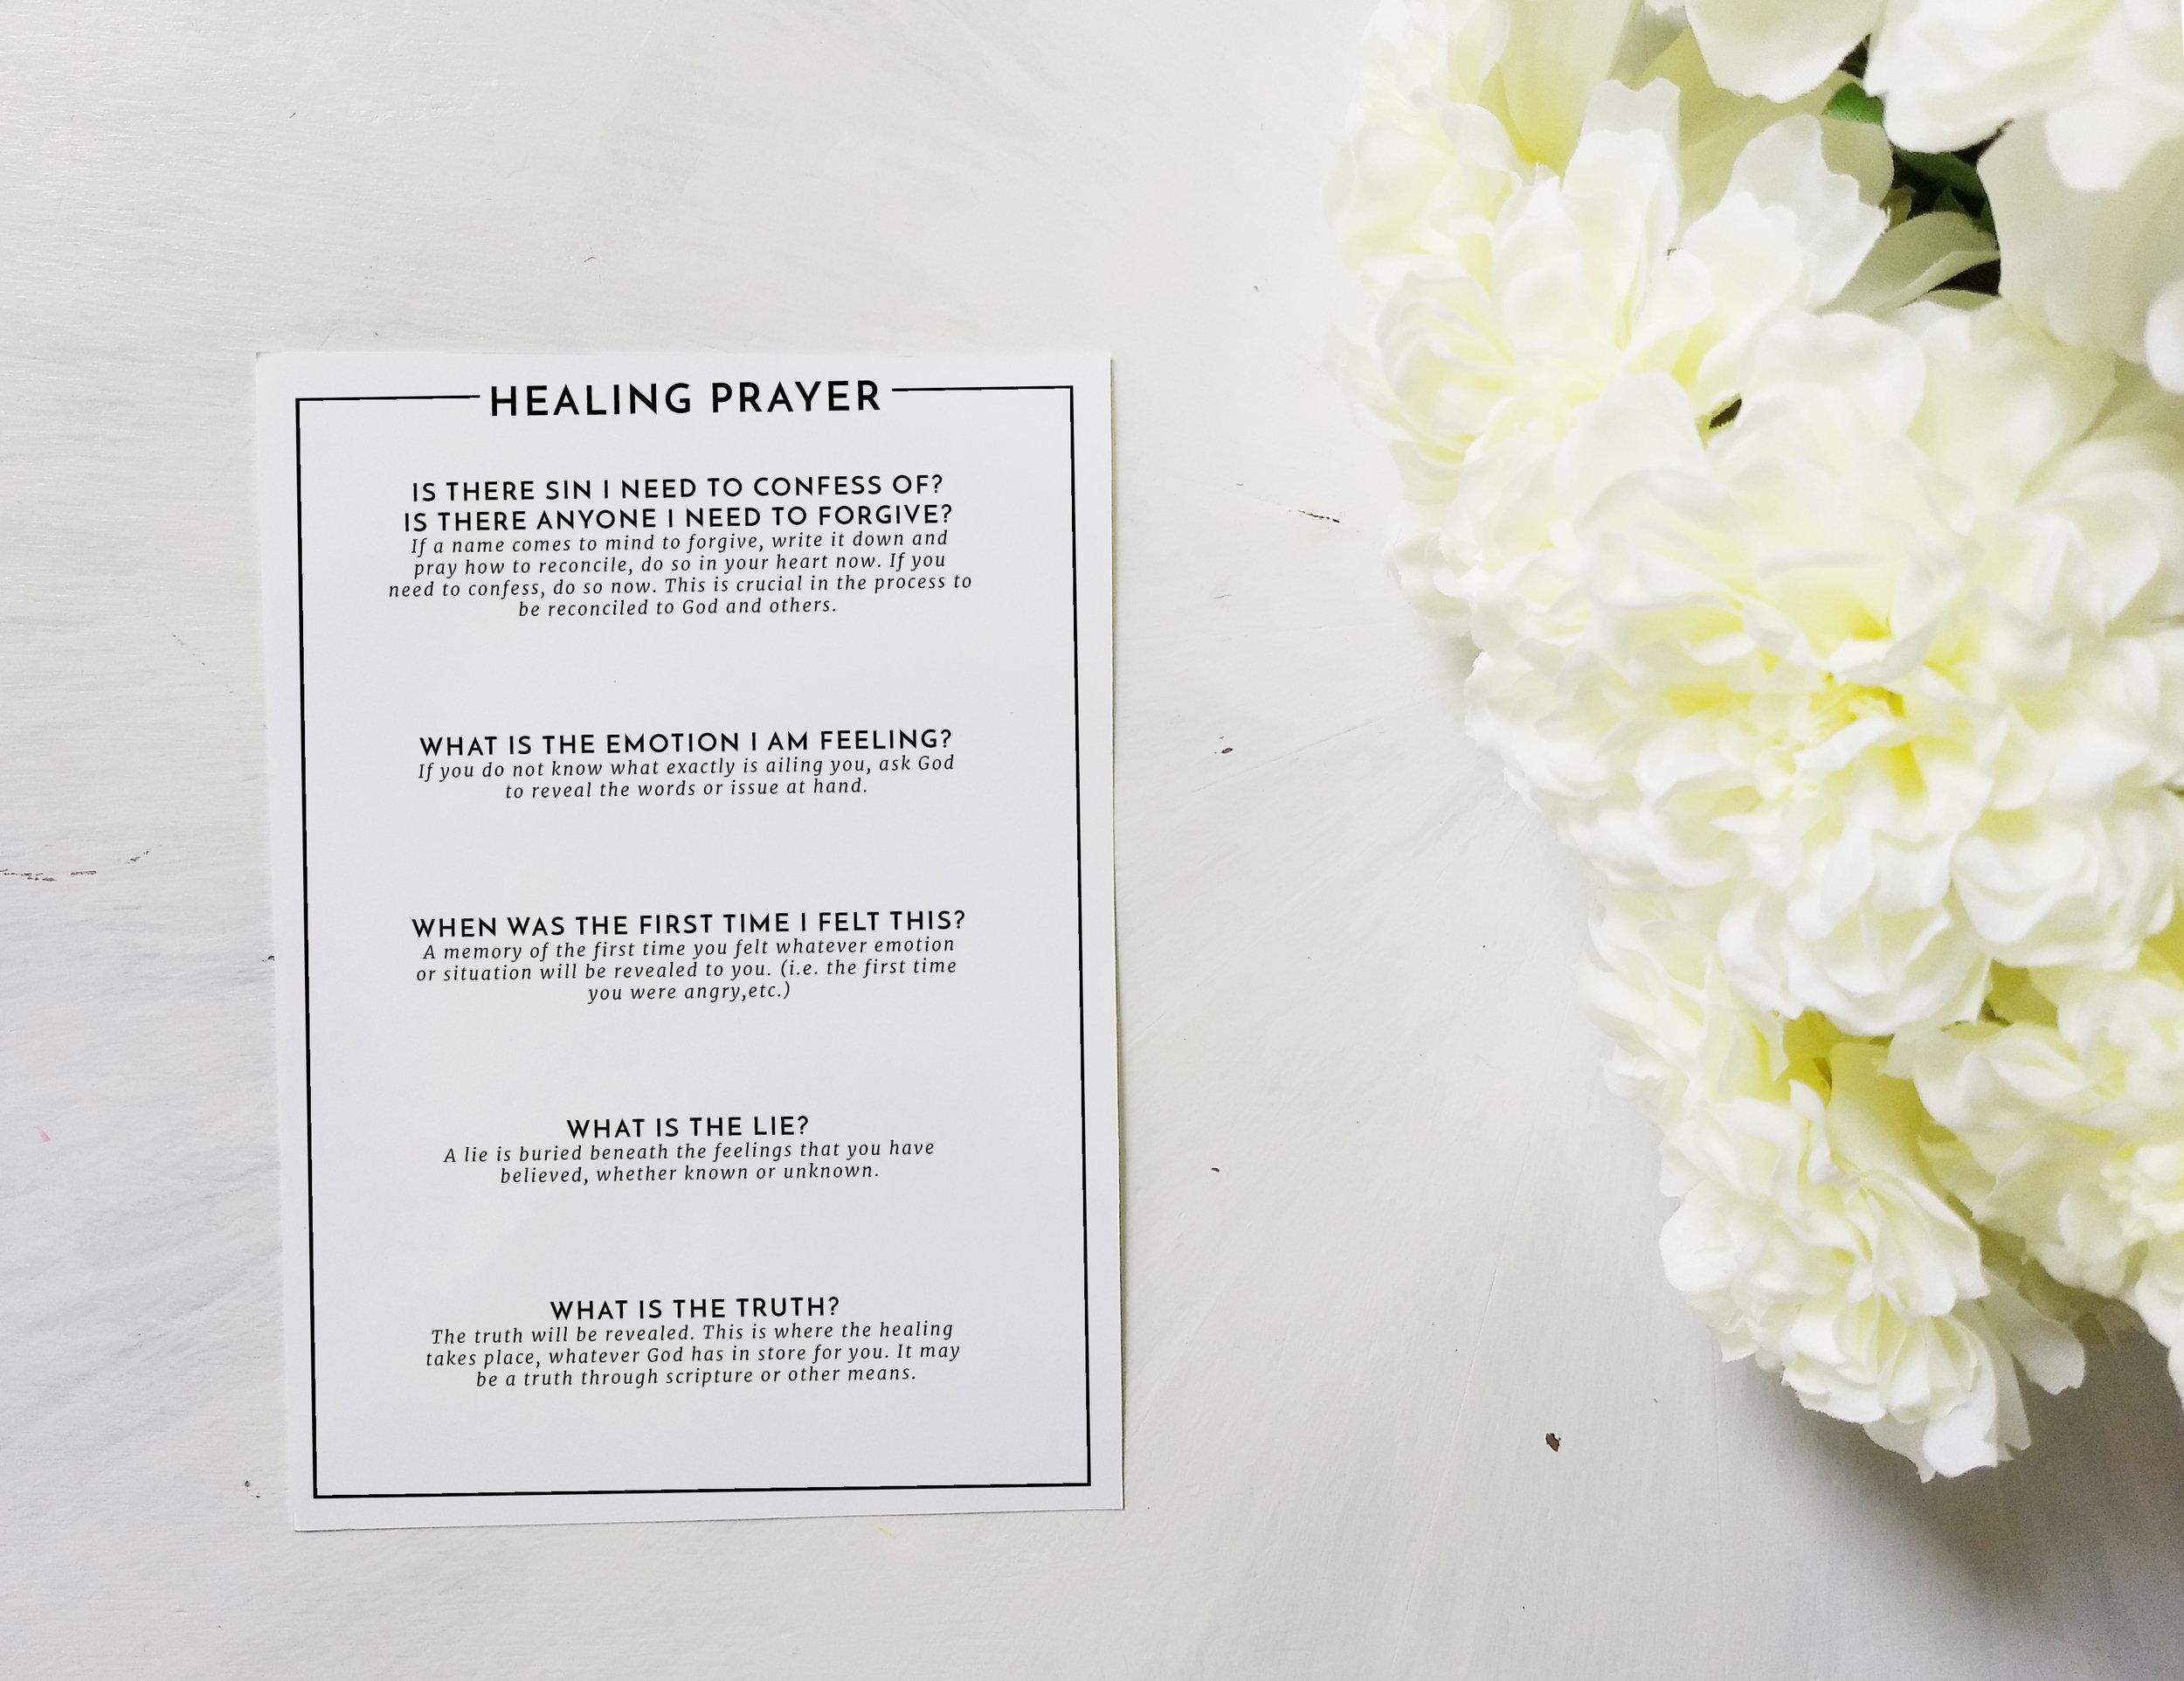 healing prayer stock.jpg